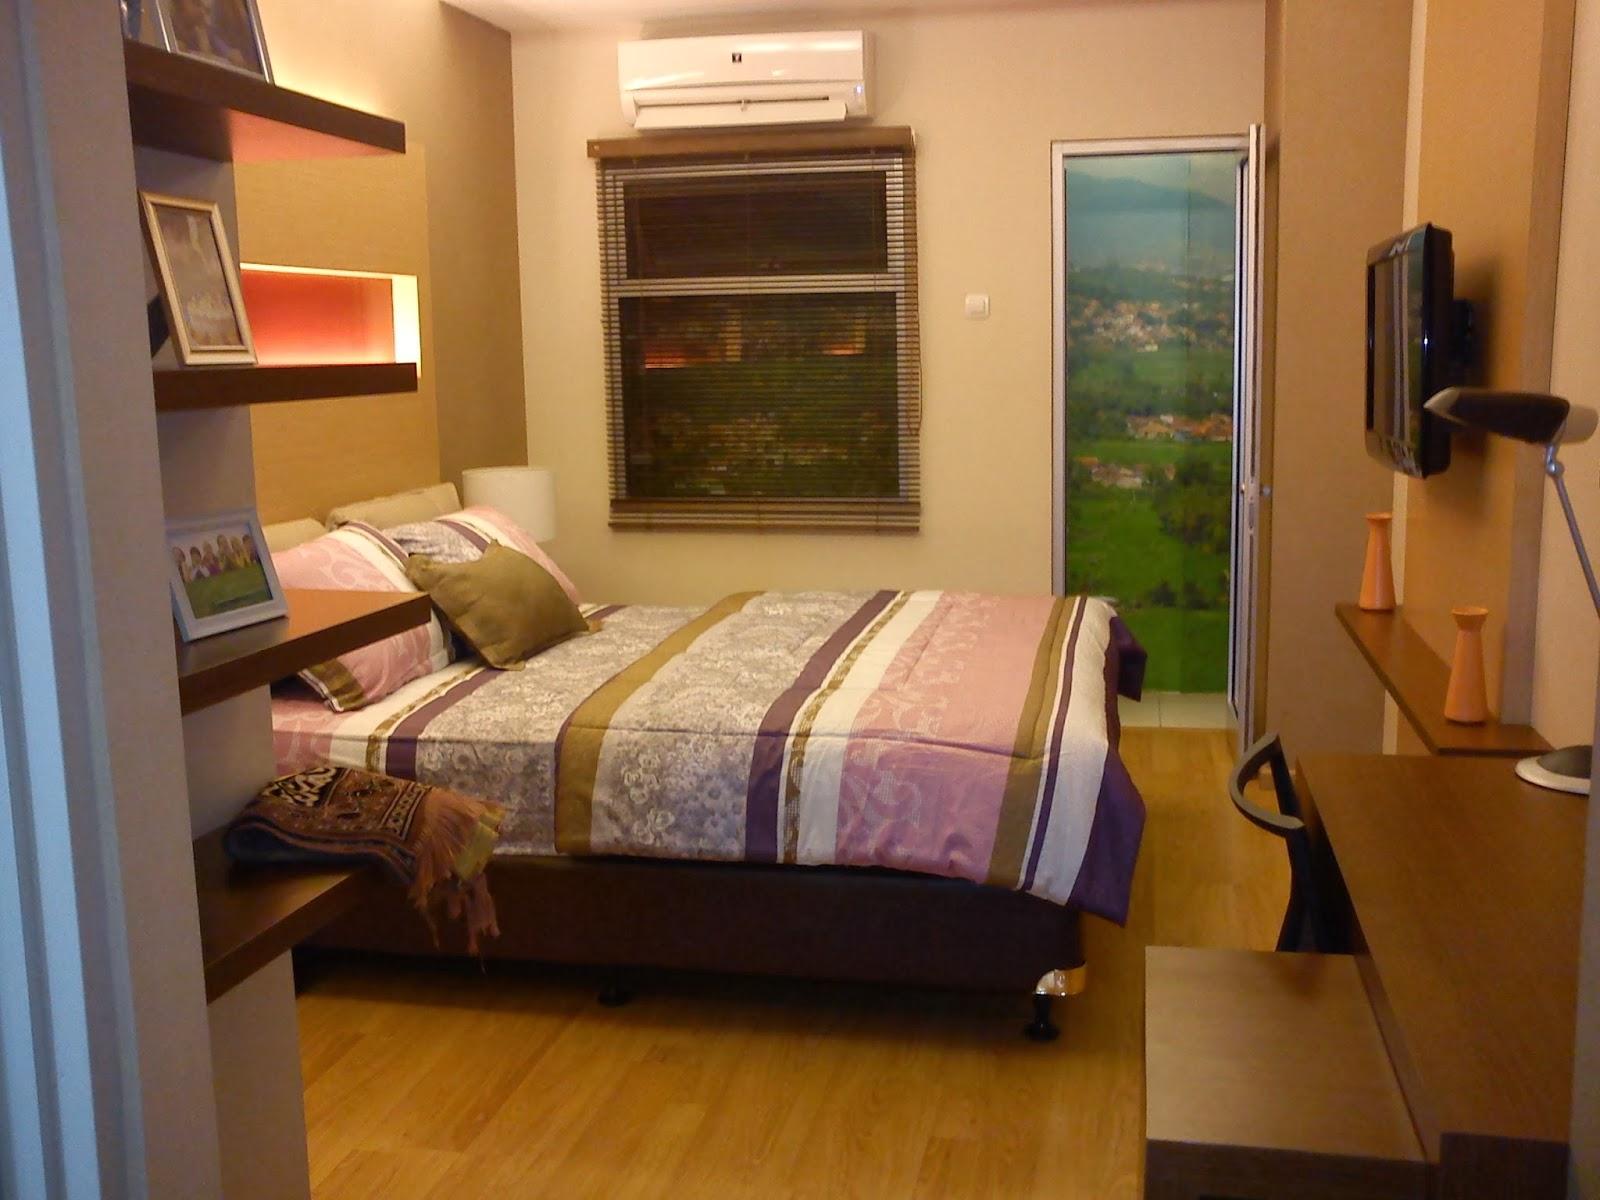 Sewa Apartemen Nyaman Bandung